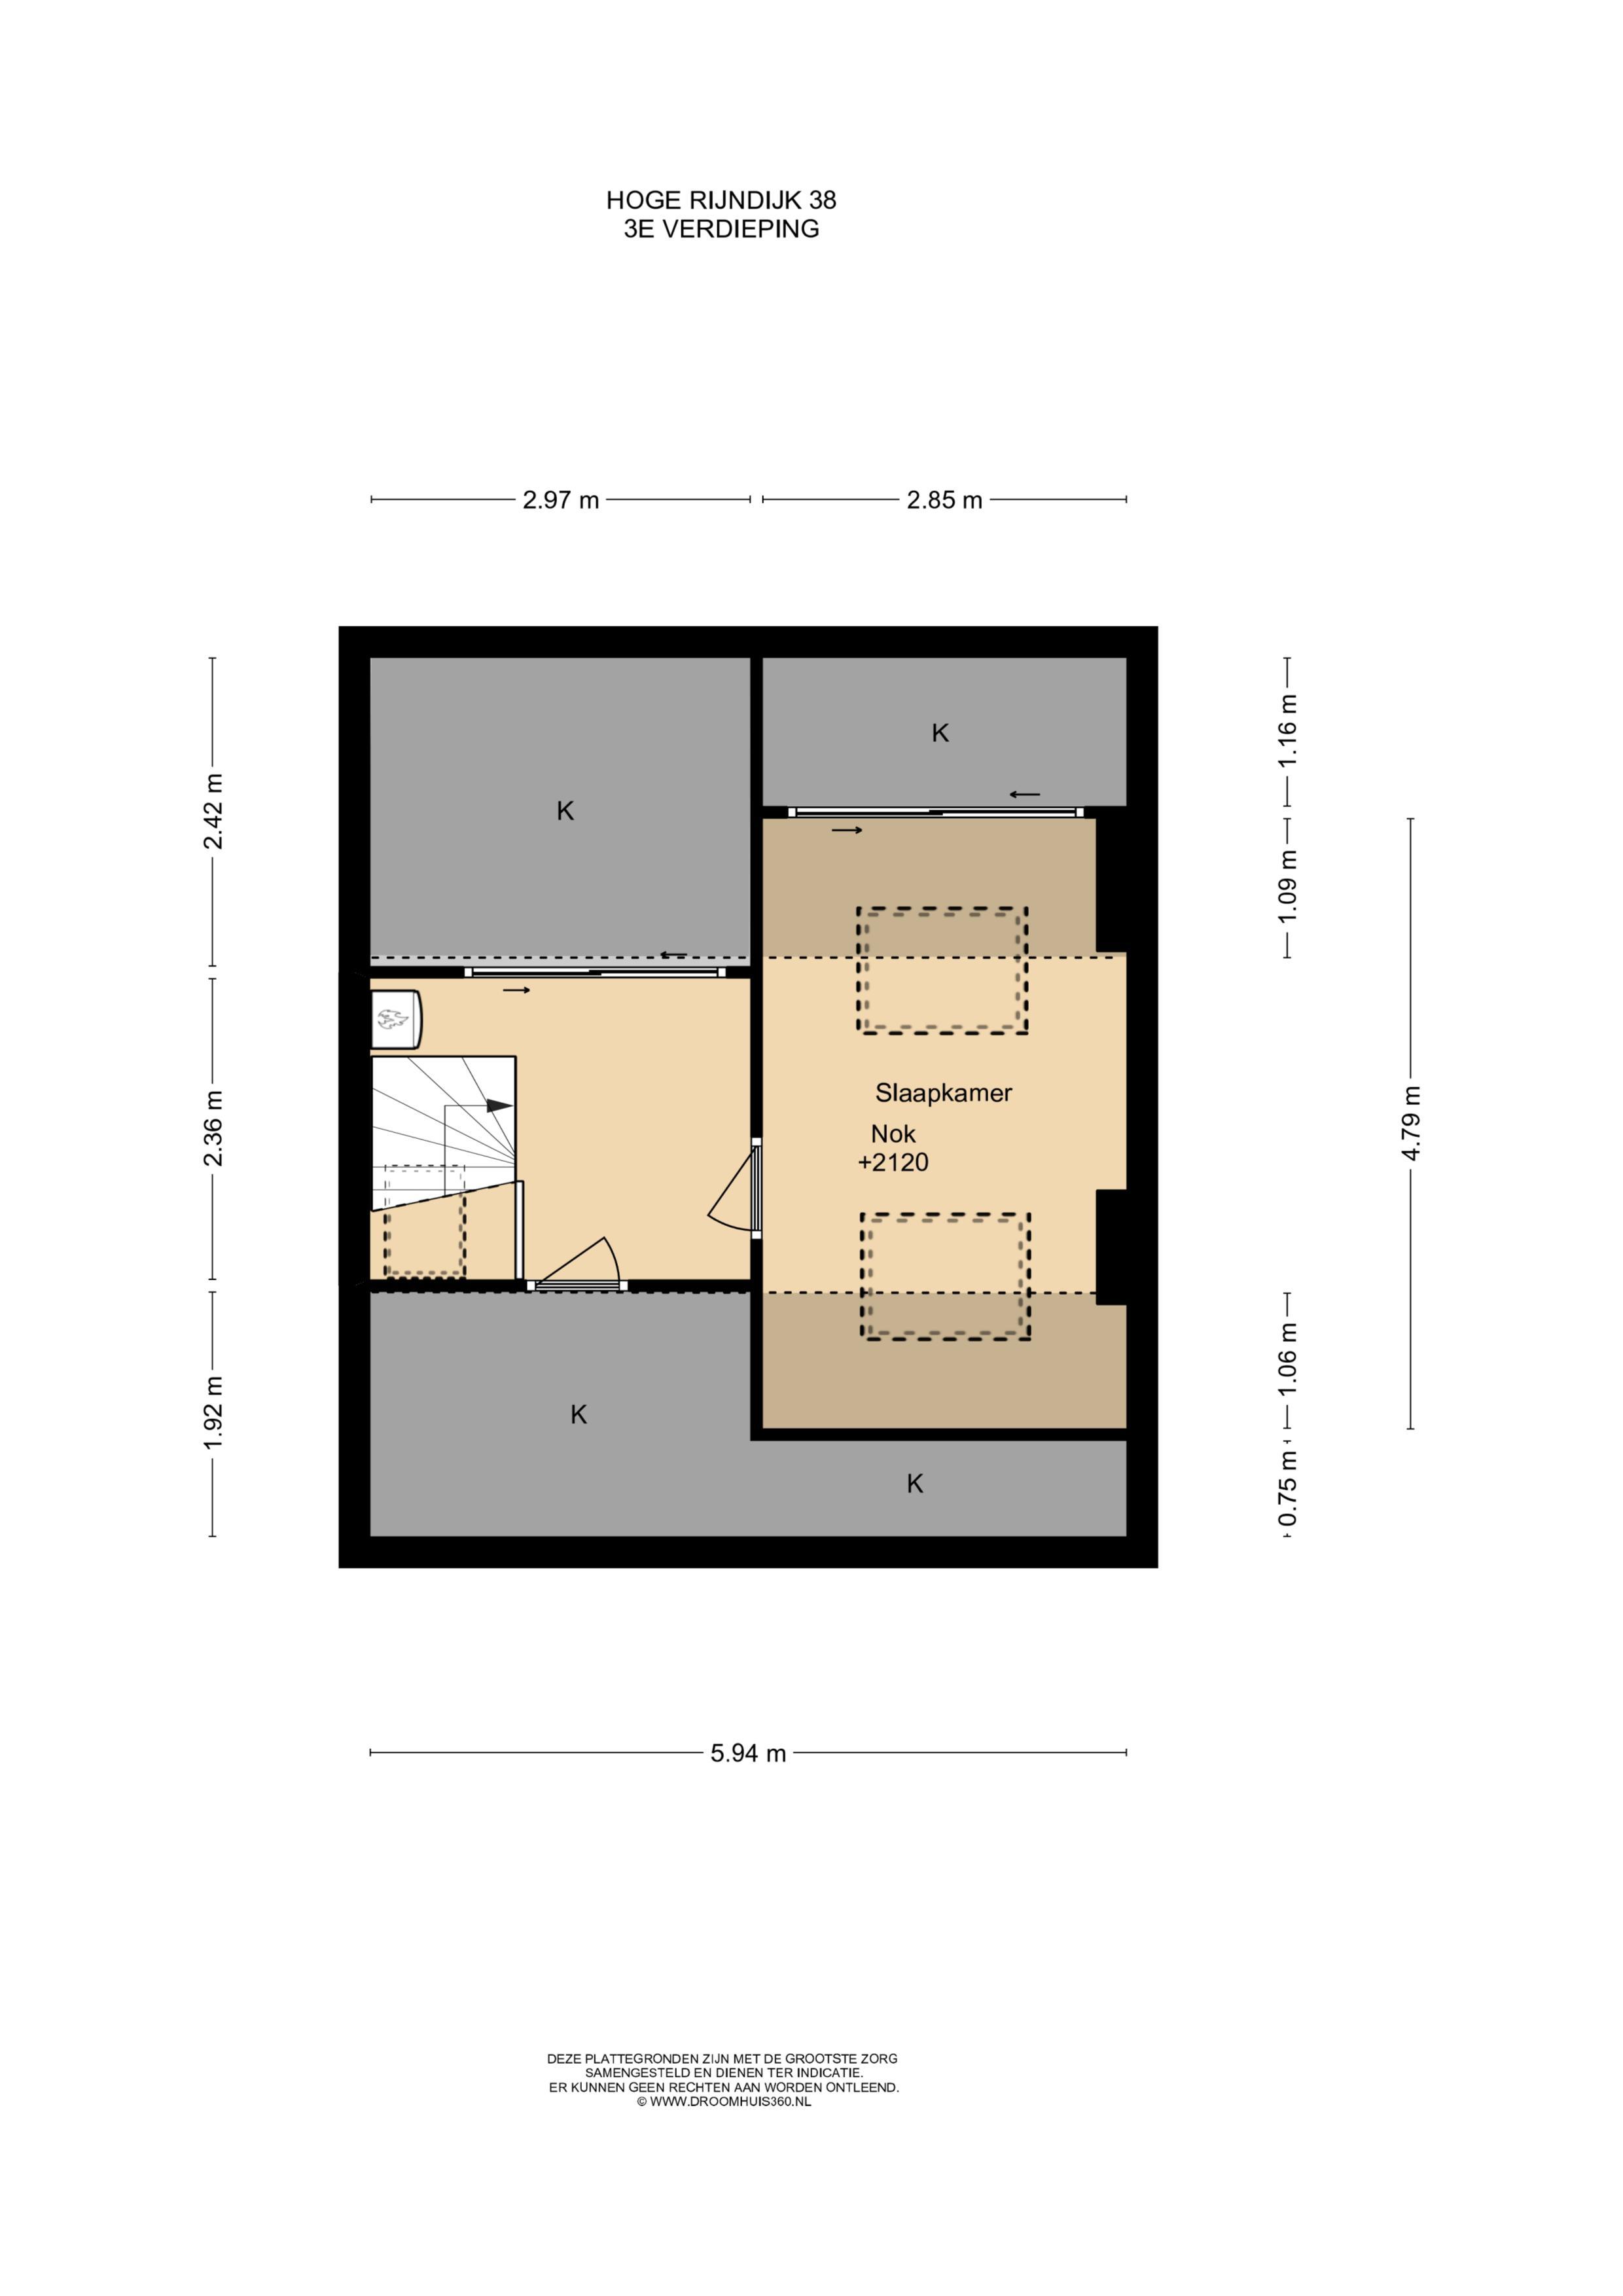 3e verdieping